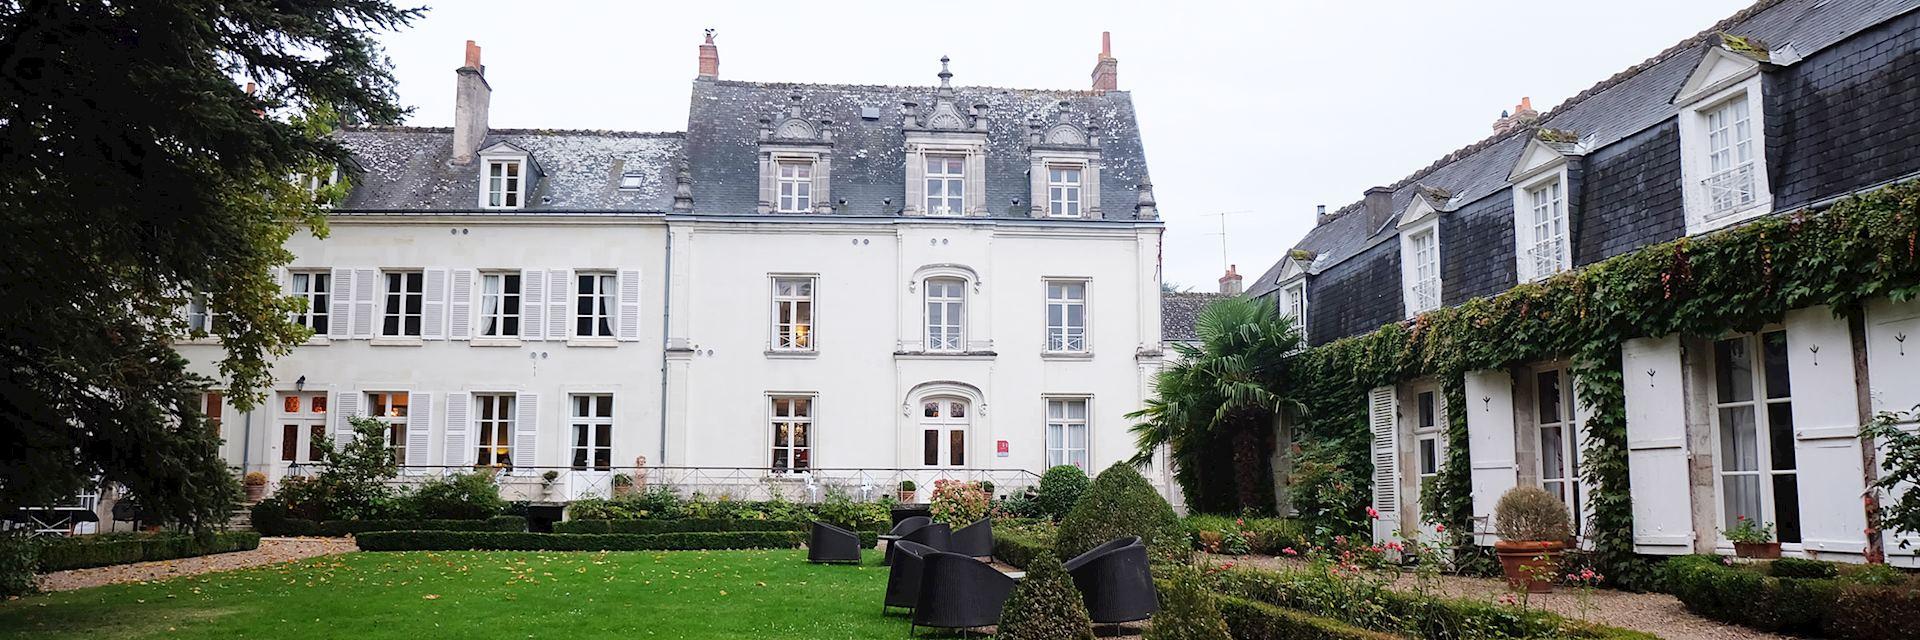 Le Clos d'Amboise, Loire Valley